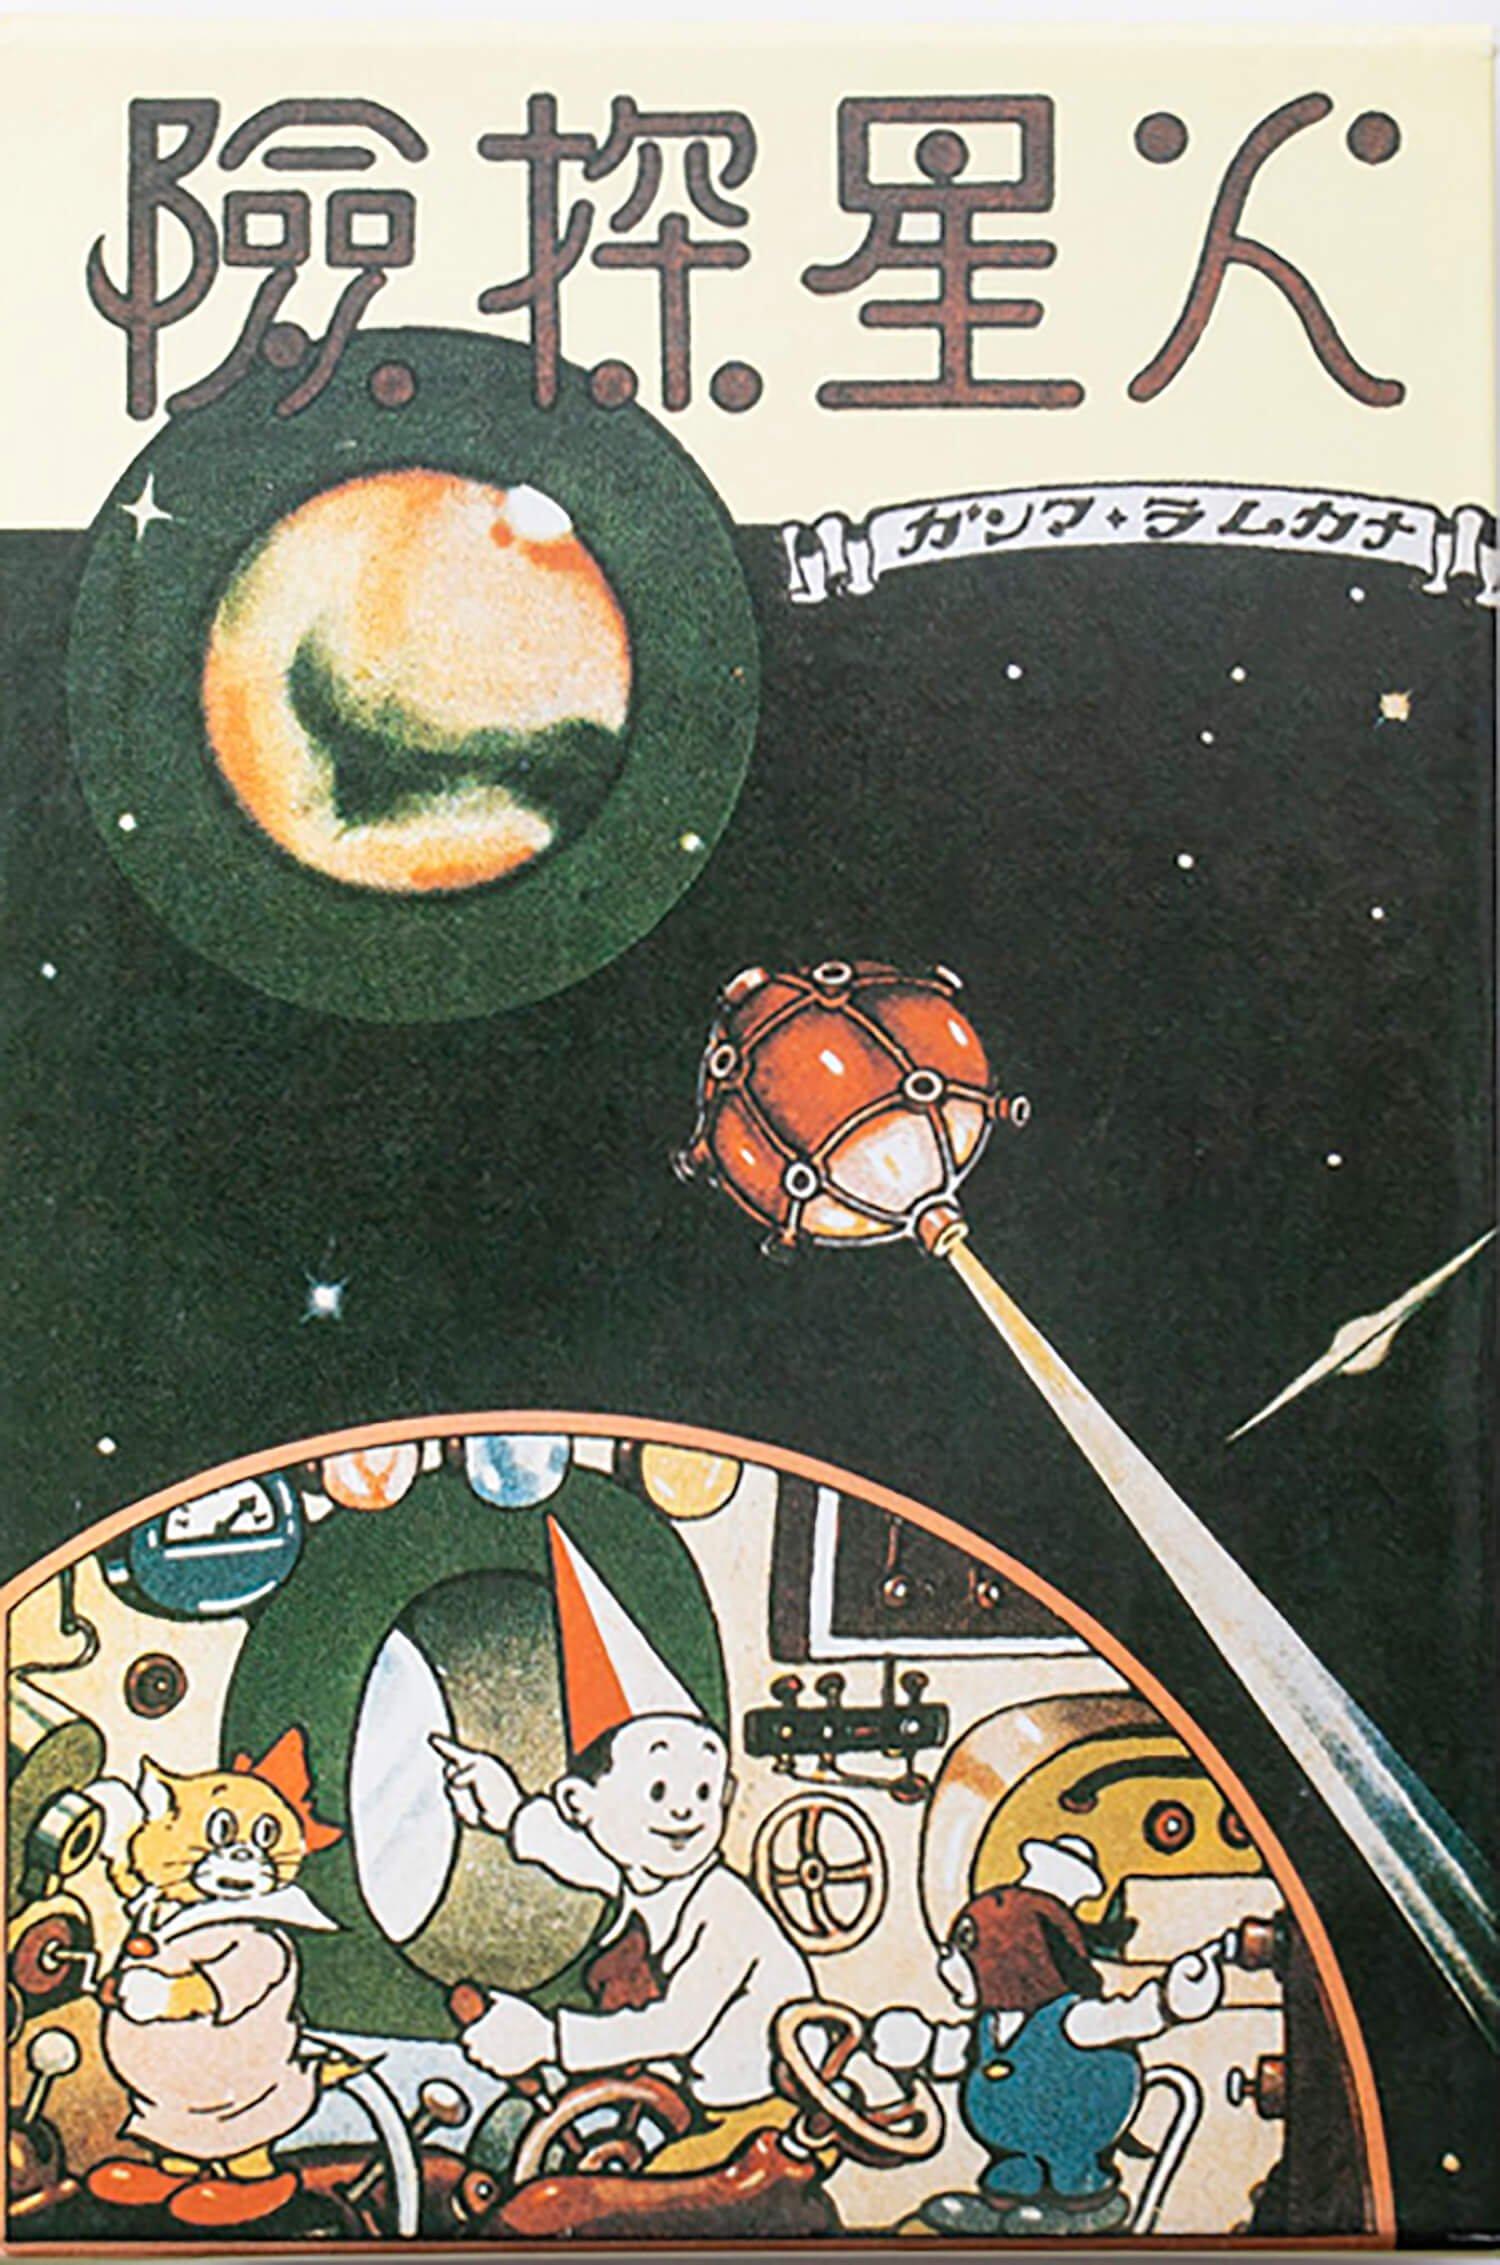 小熊は旭太郎名義で『火星探険』の原作も手がけた。 (大城のぼる 画・旭 太郎 作 『火星探険』〈2005年、小学館クリエイティブ ※復刻版〉)